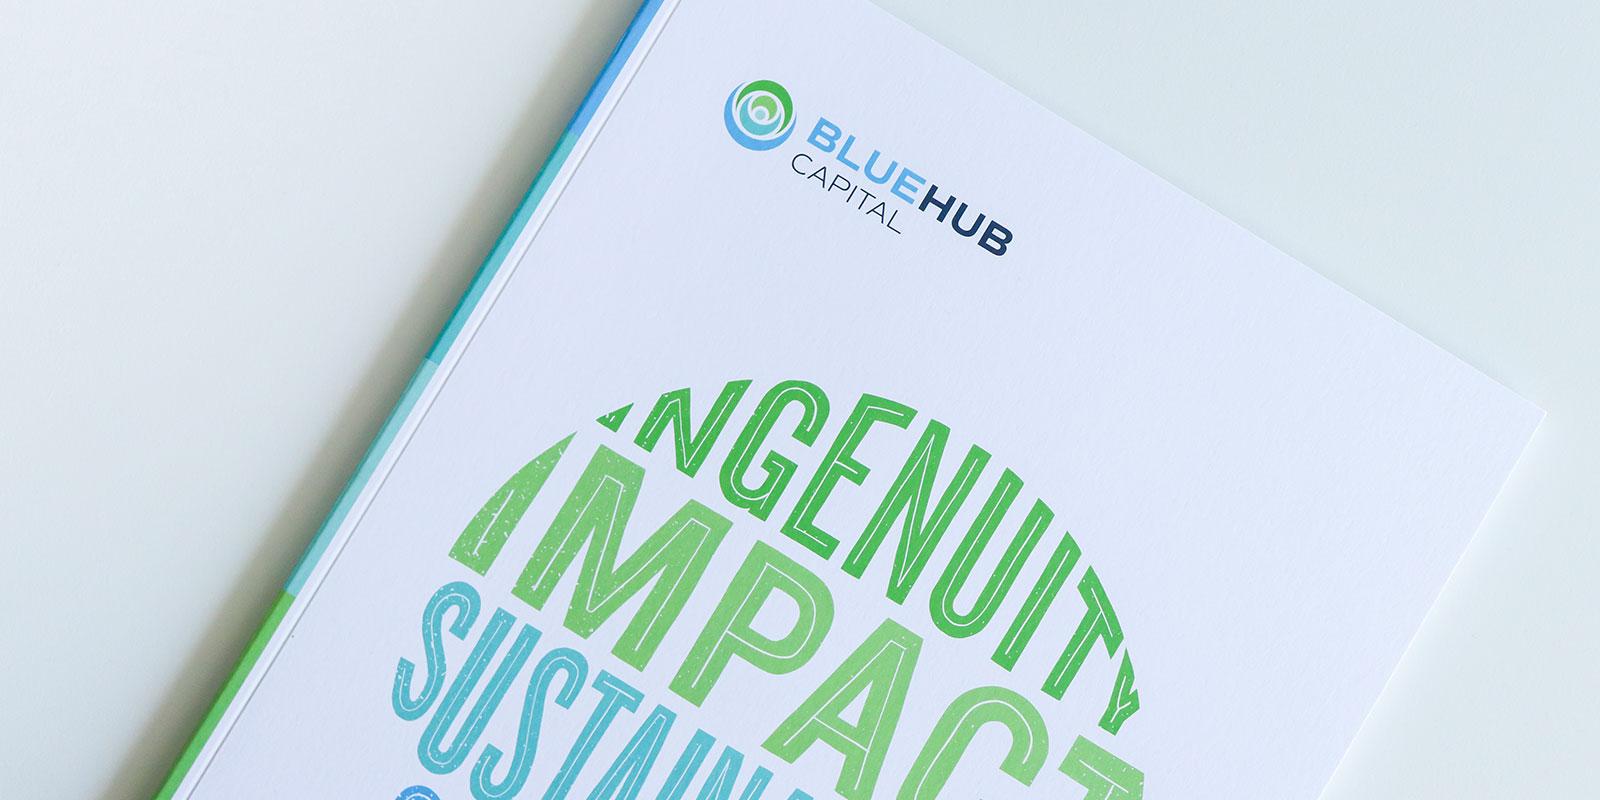 BlueHub annual report design